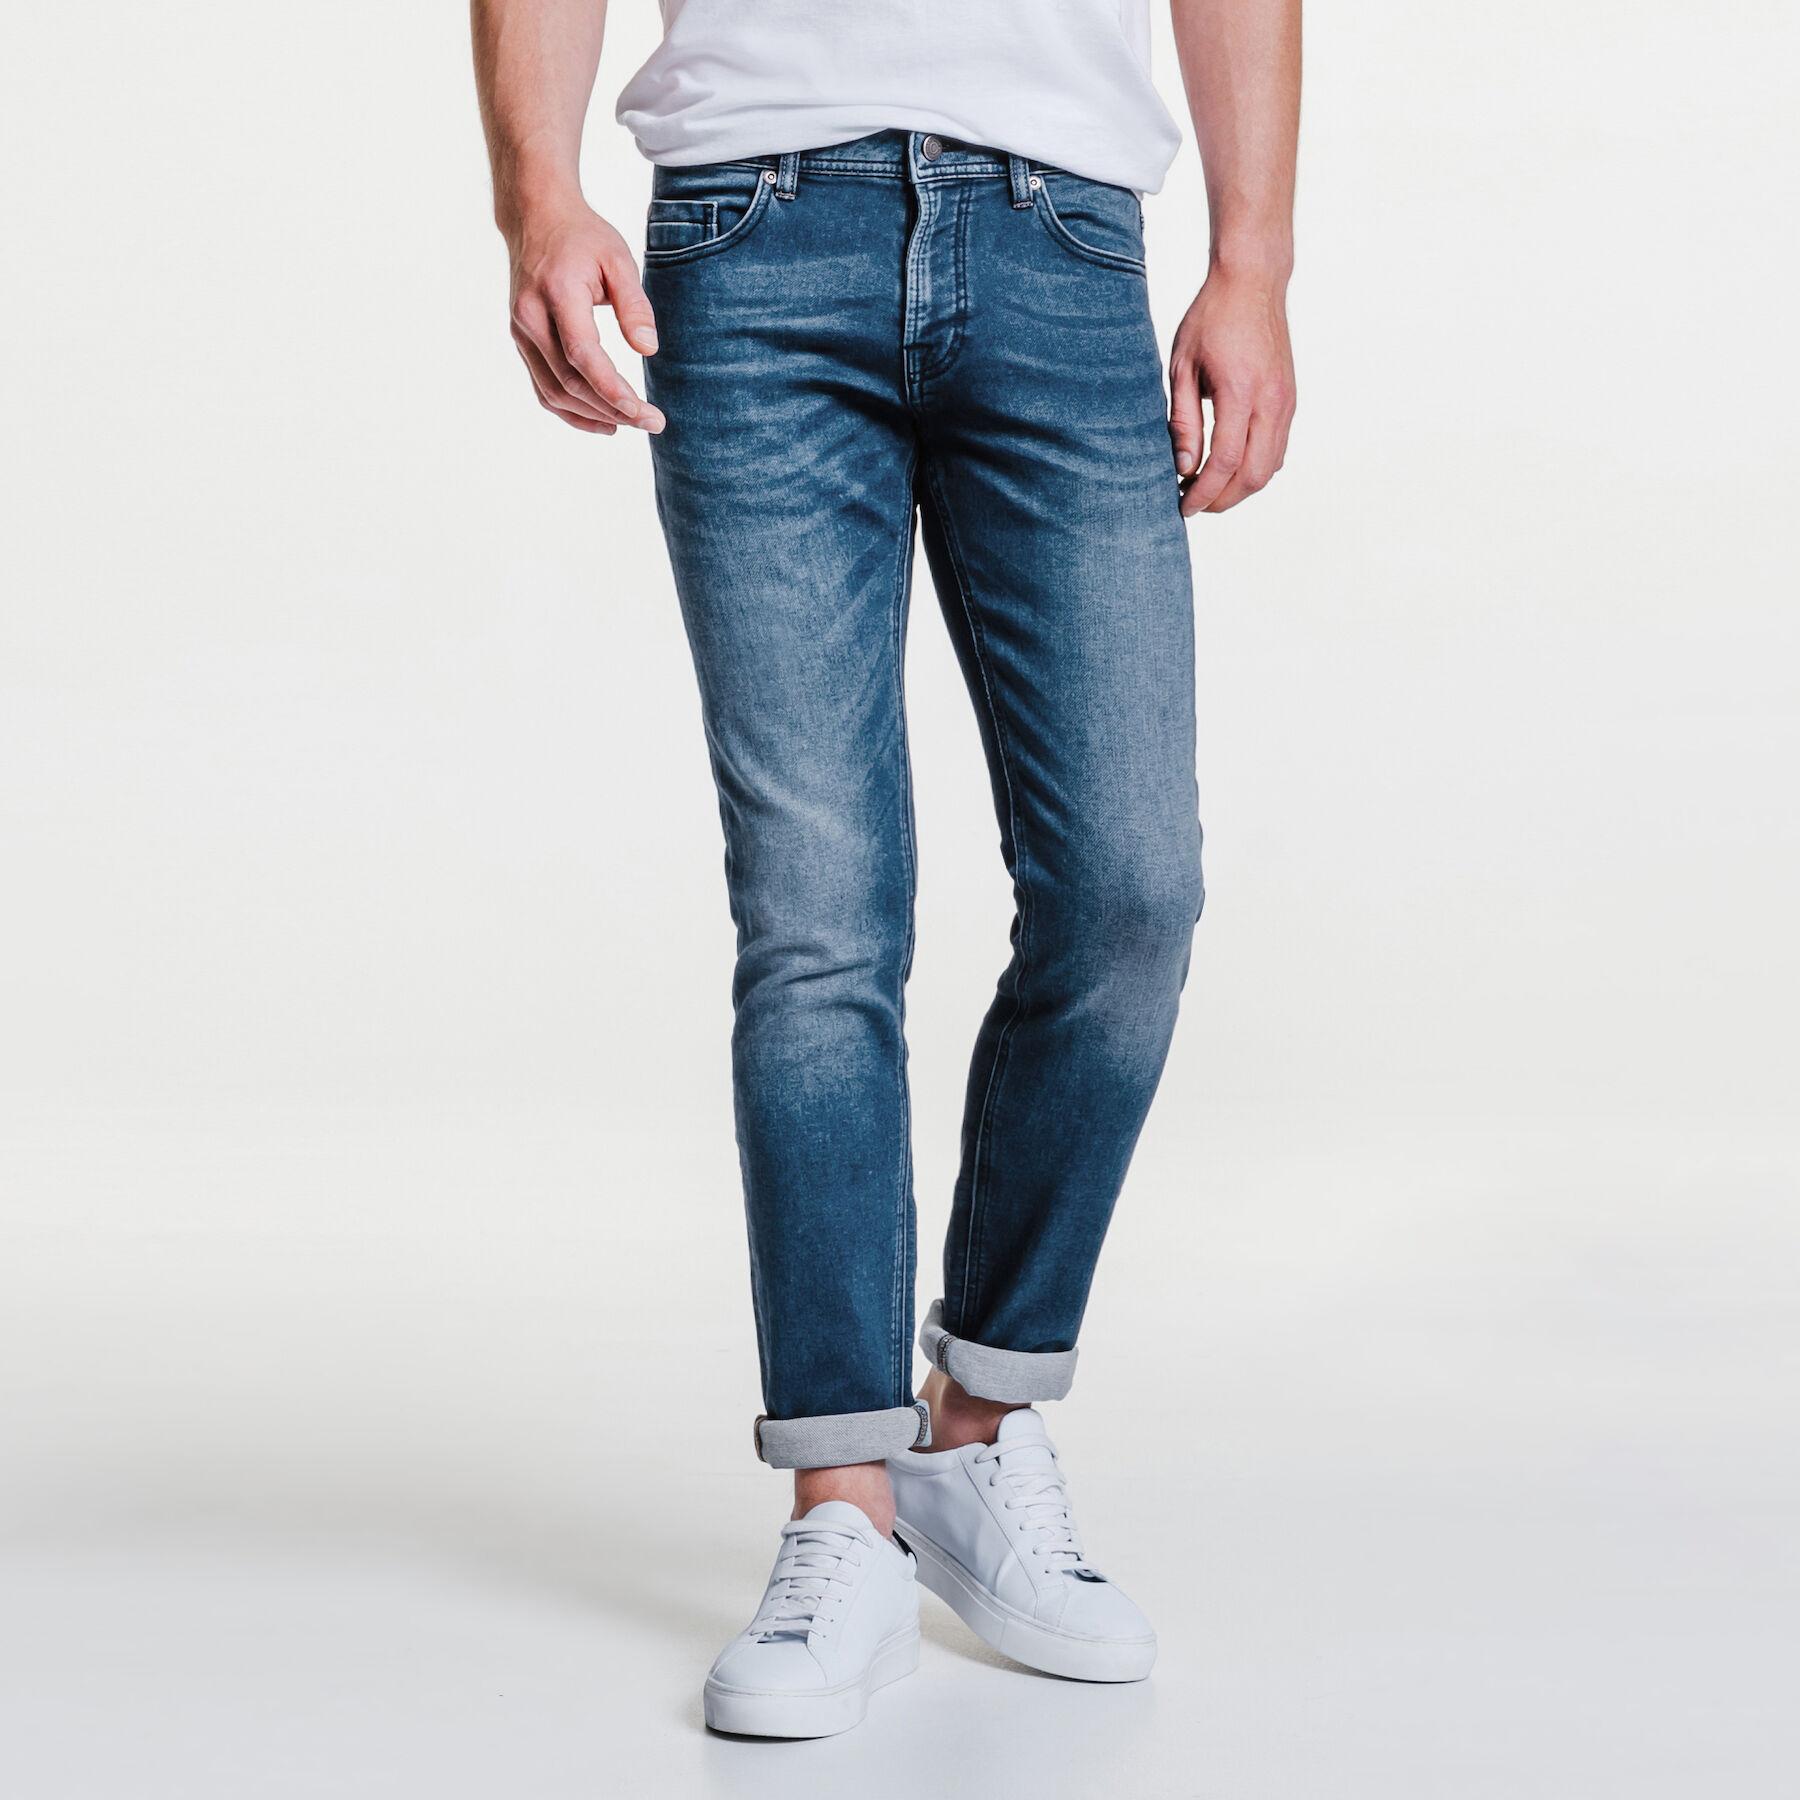 Taille de jean ideal homme